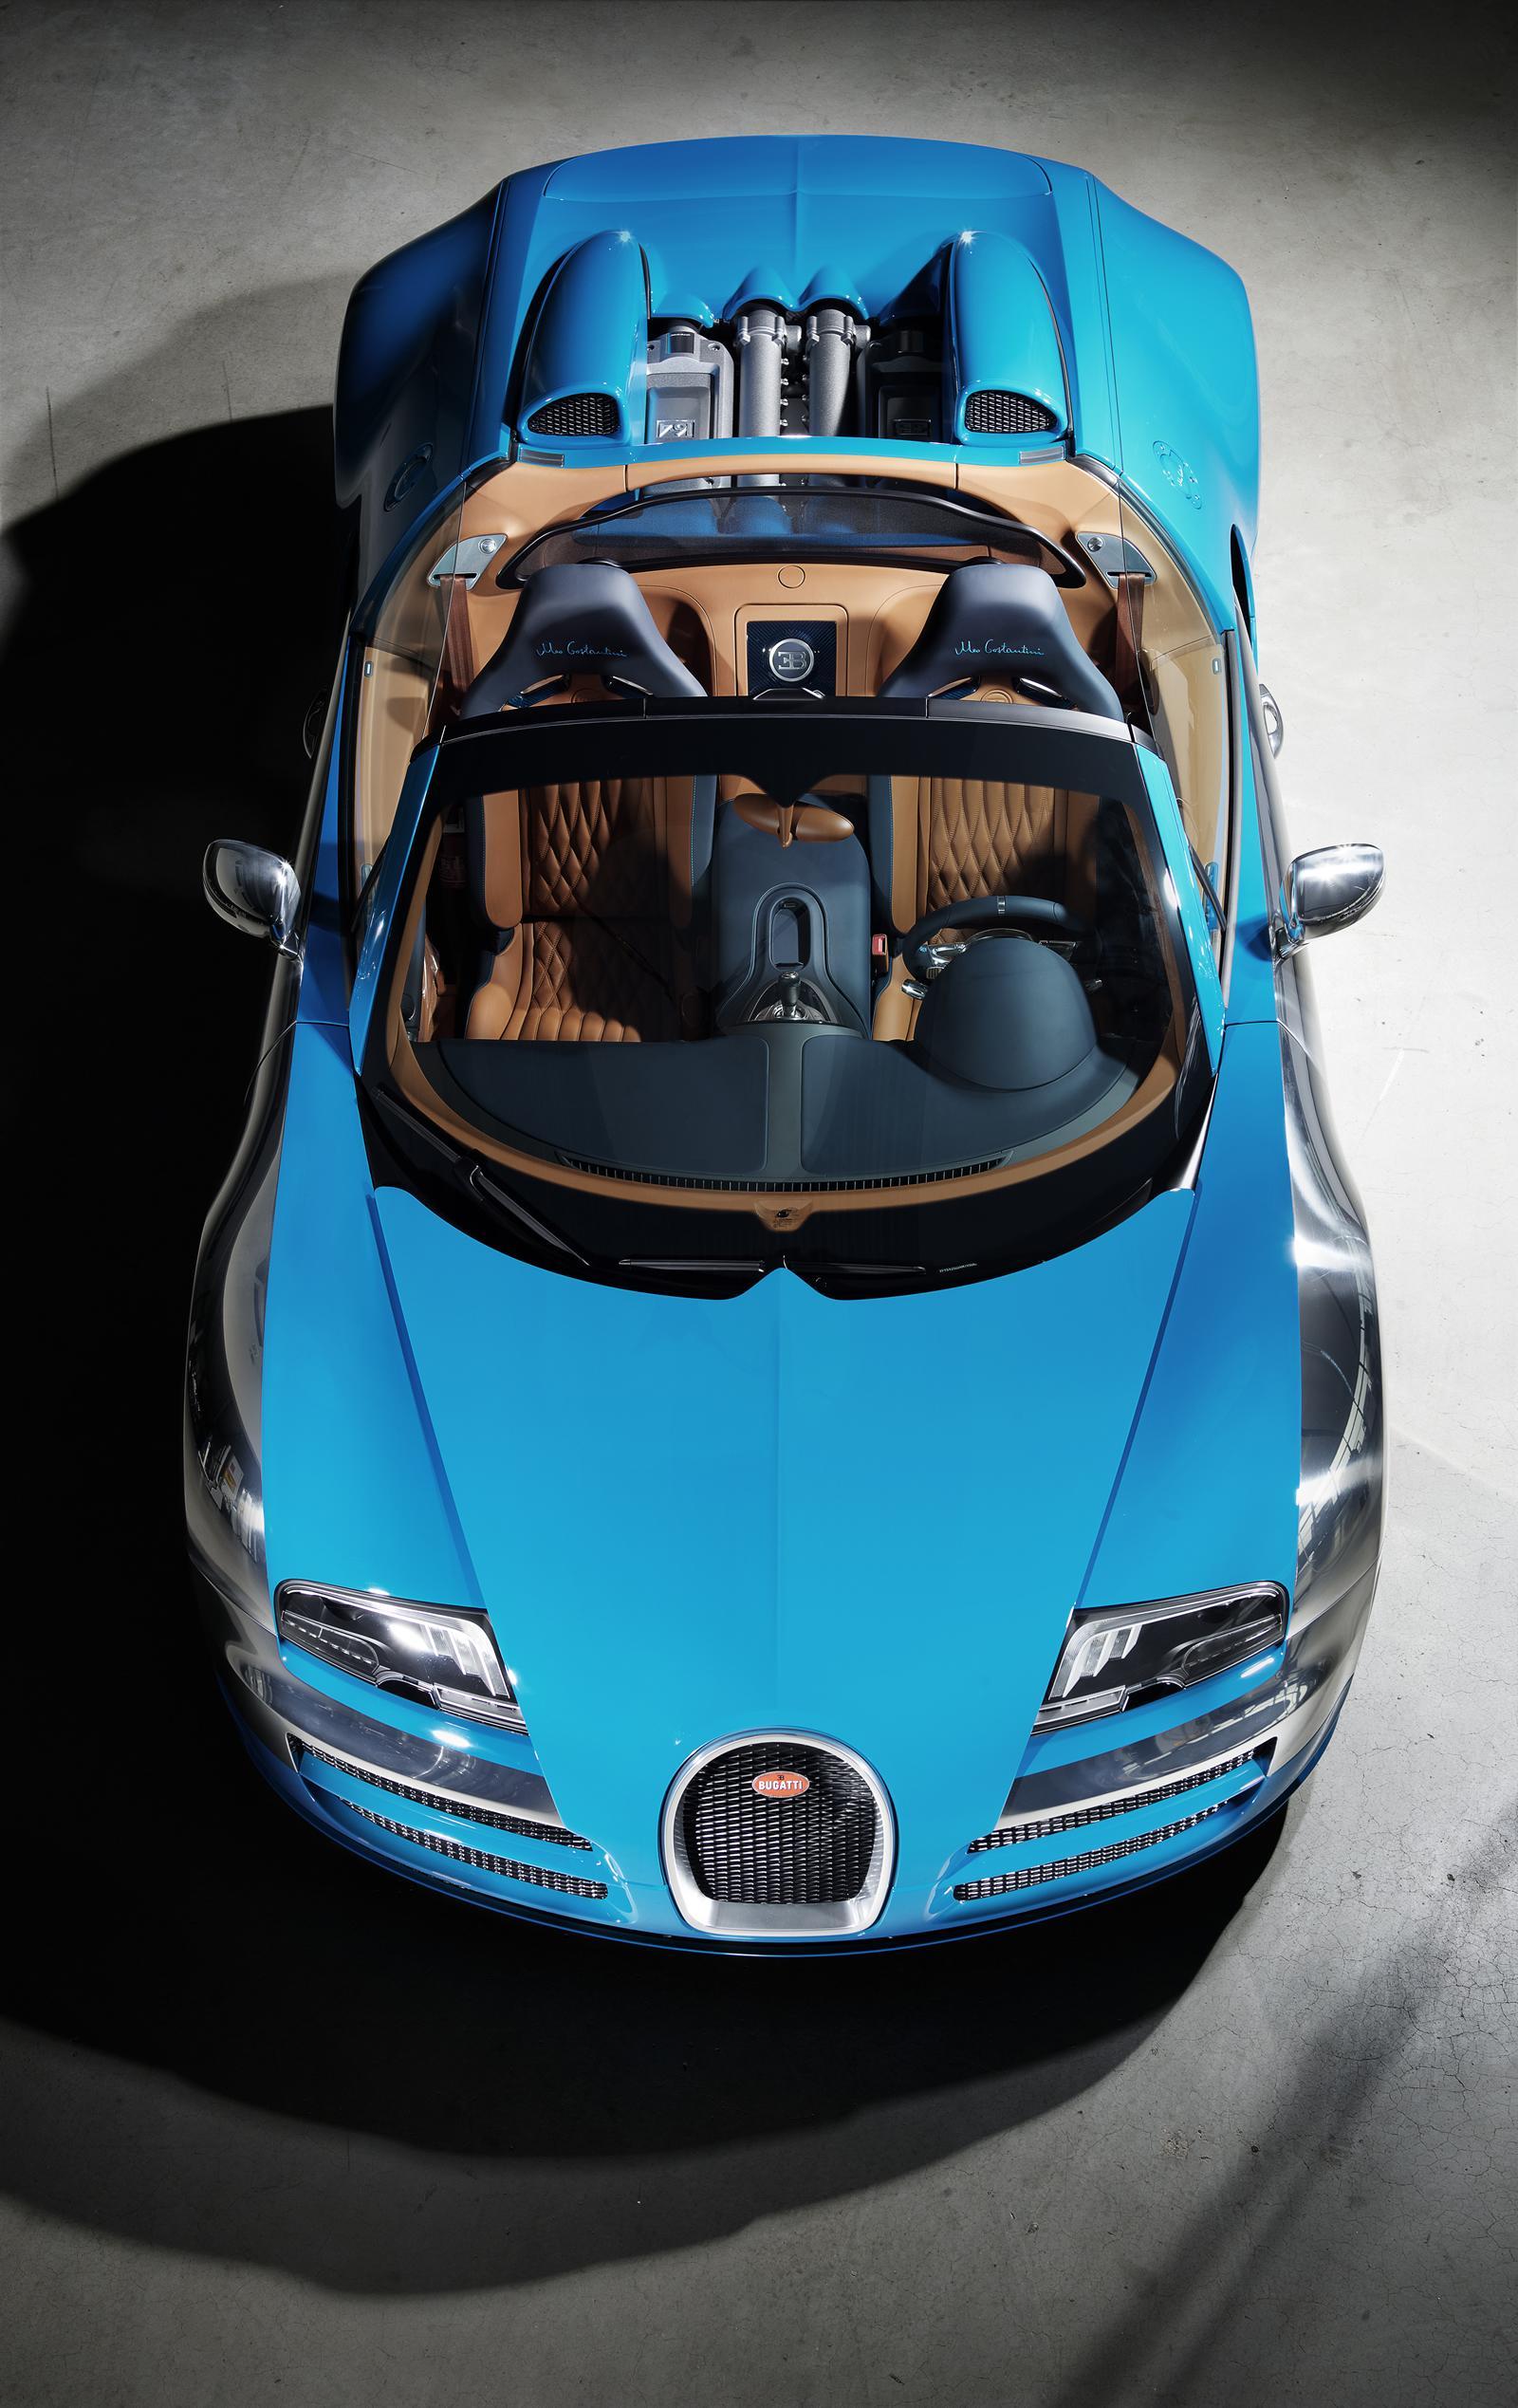 eff4012c5d Exciting Bugatti Veyron Grand Sport Vitesse Fiche Technique Cars Trend